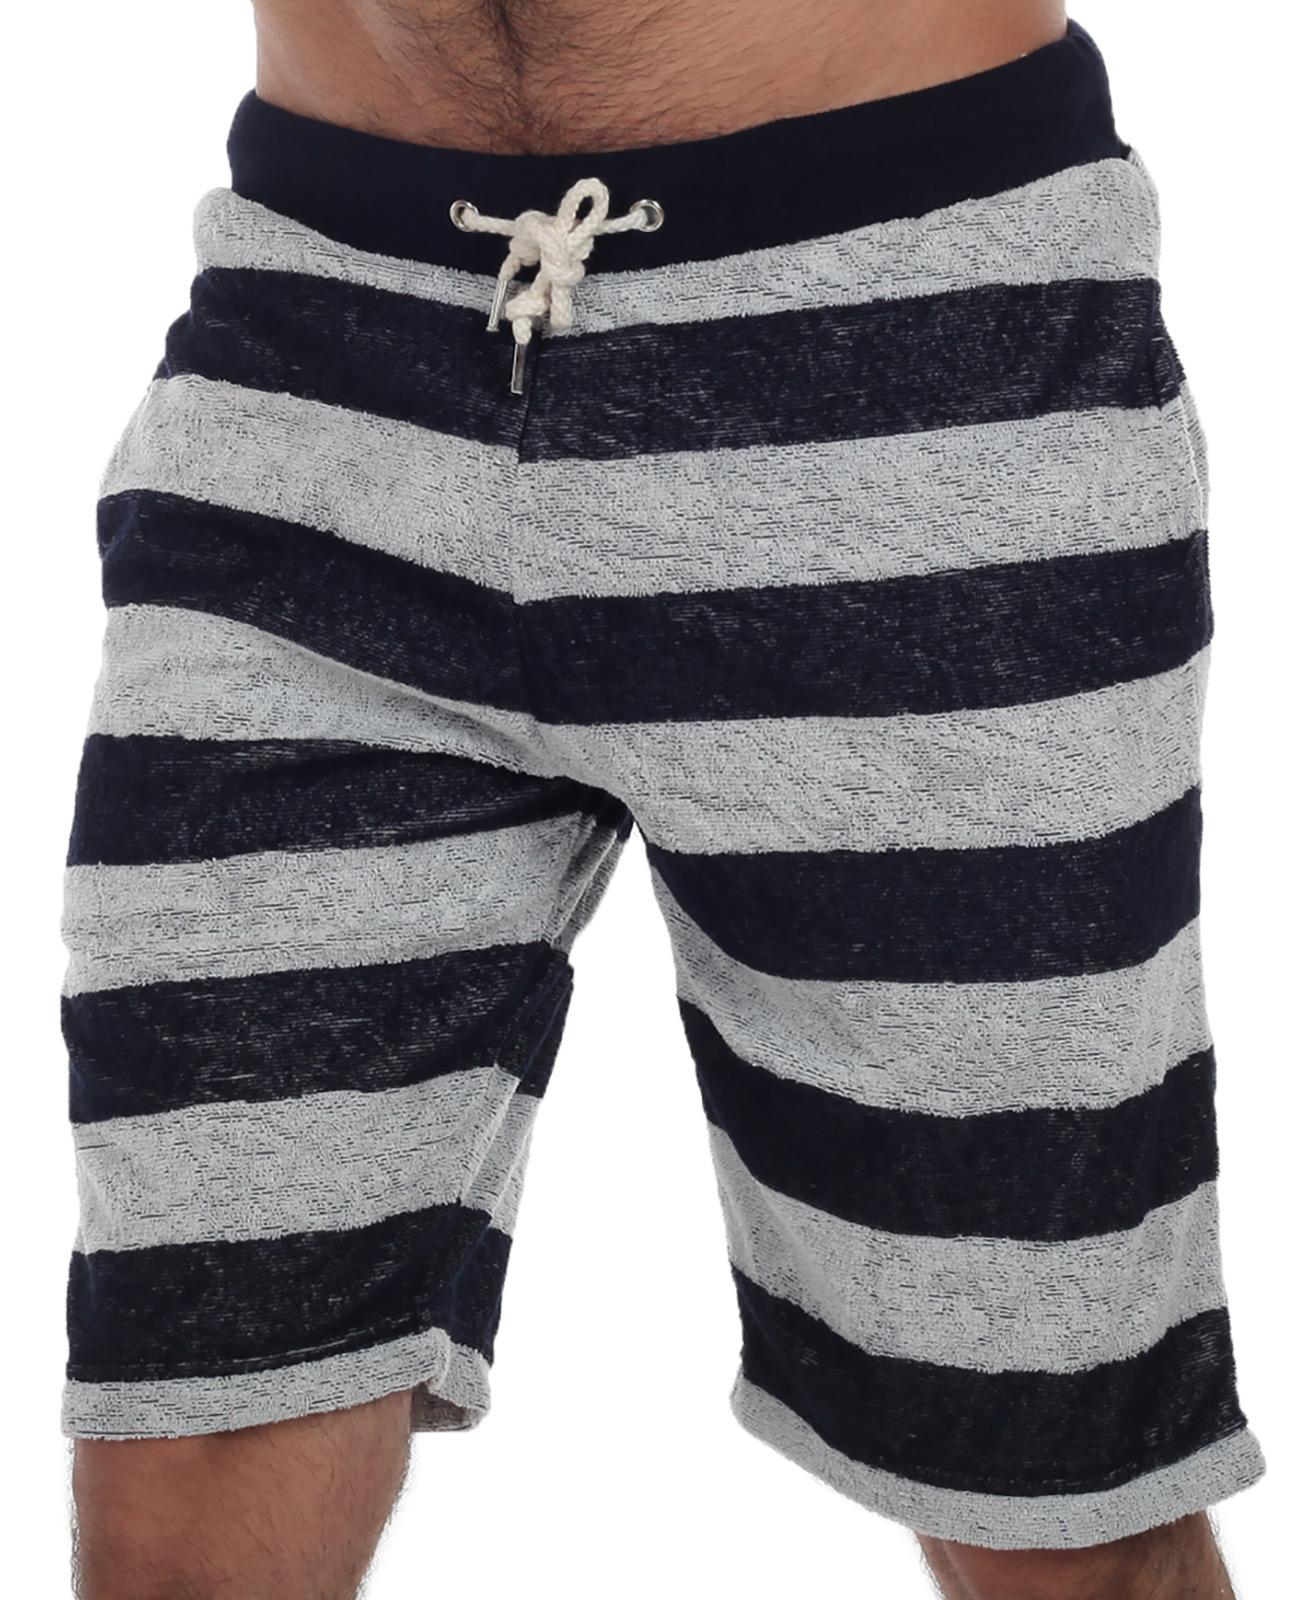 Брендовые мужские шорты в полоску – лучшая цена на качество от Growth by Grail